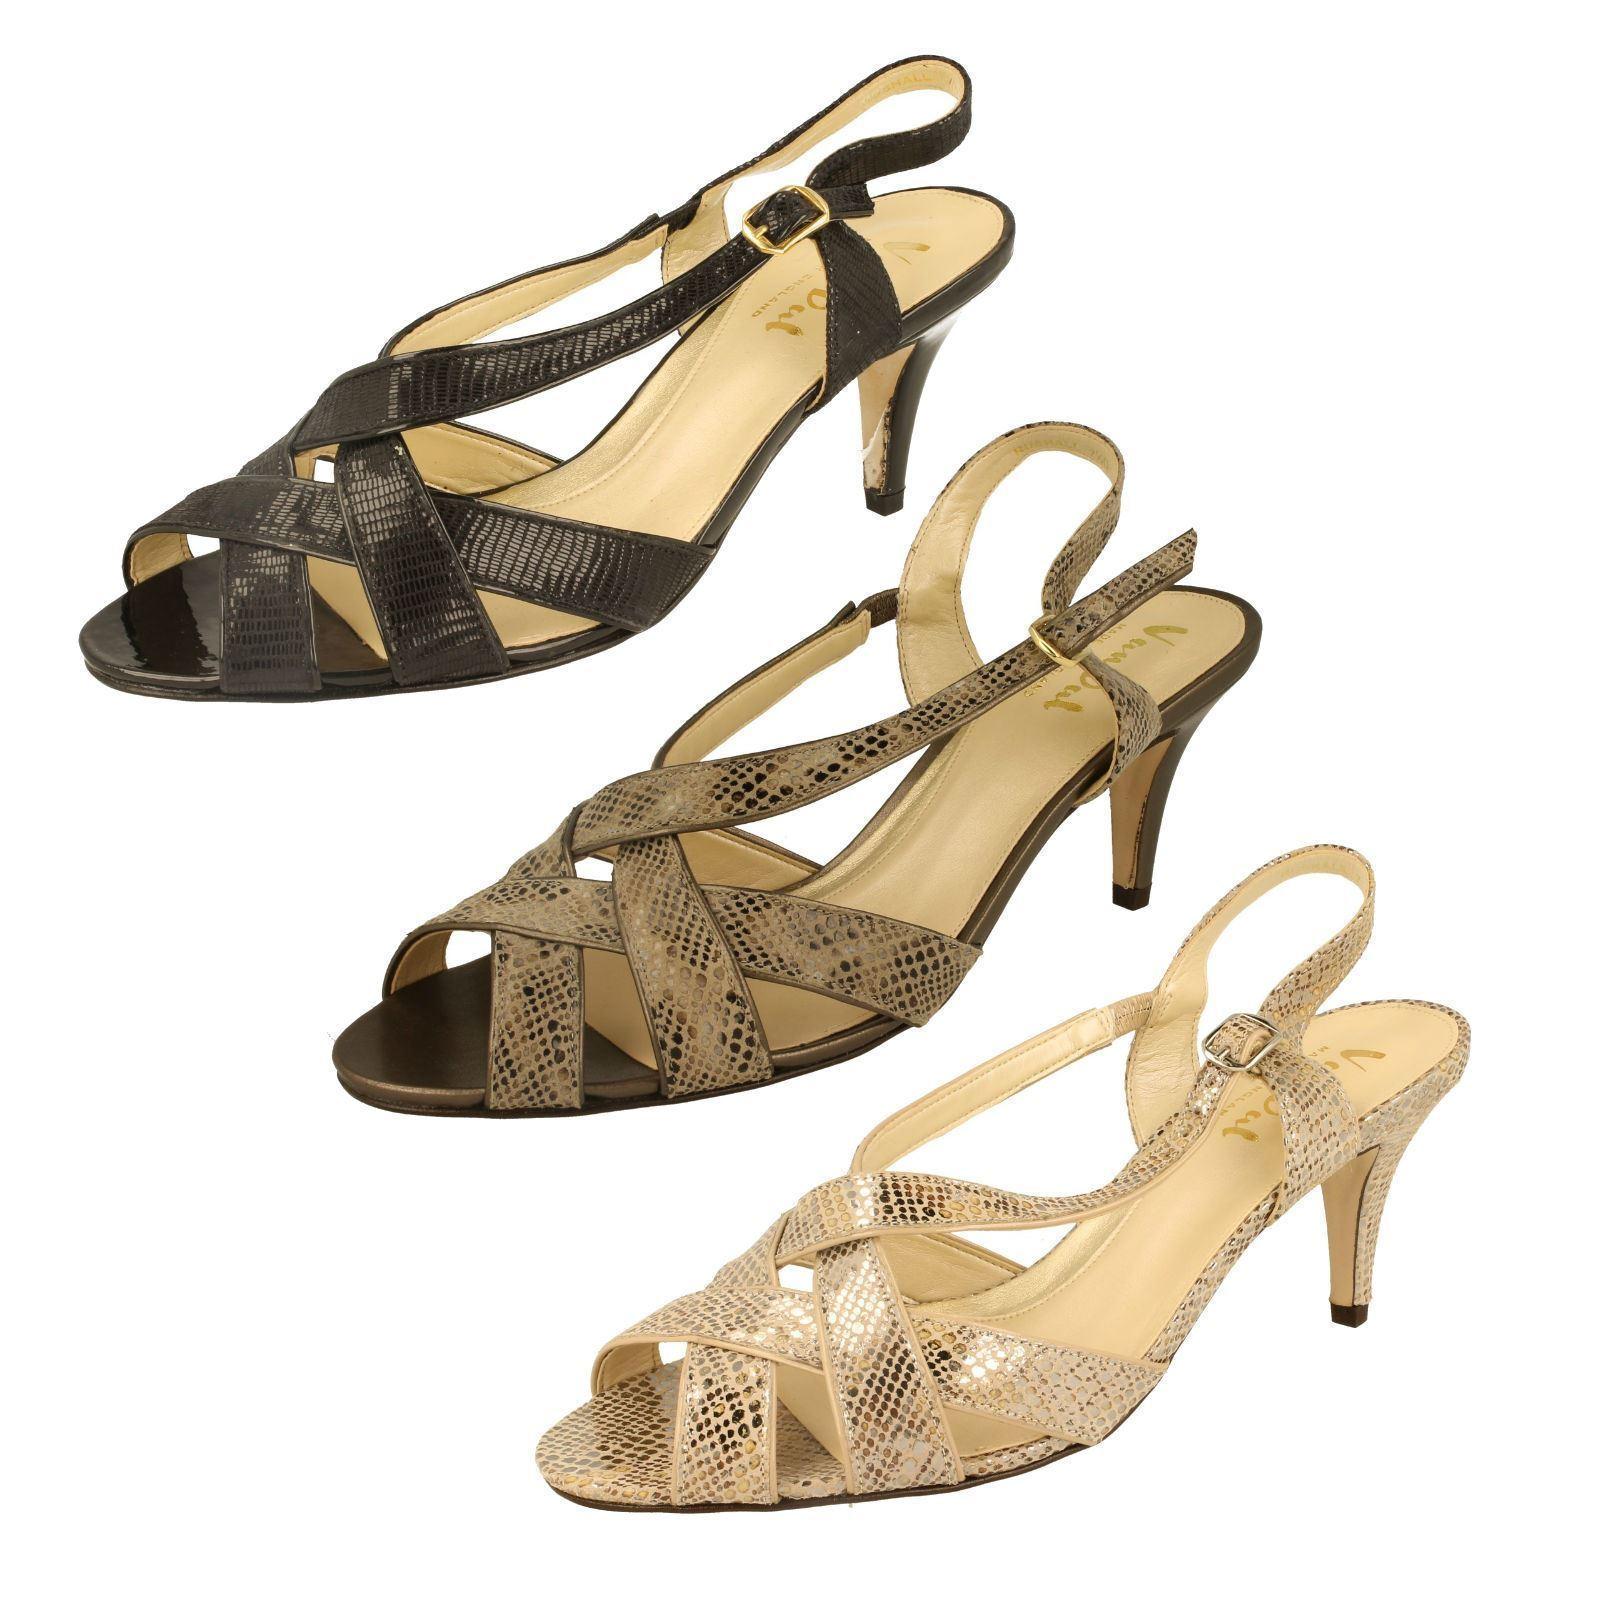 Ladies Van Dal Sling Back Peep Toe Sandals - Rushall